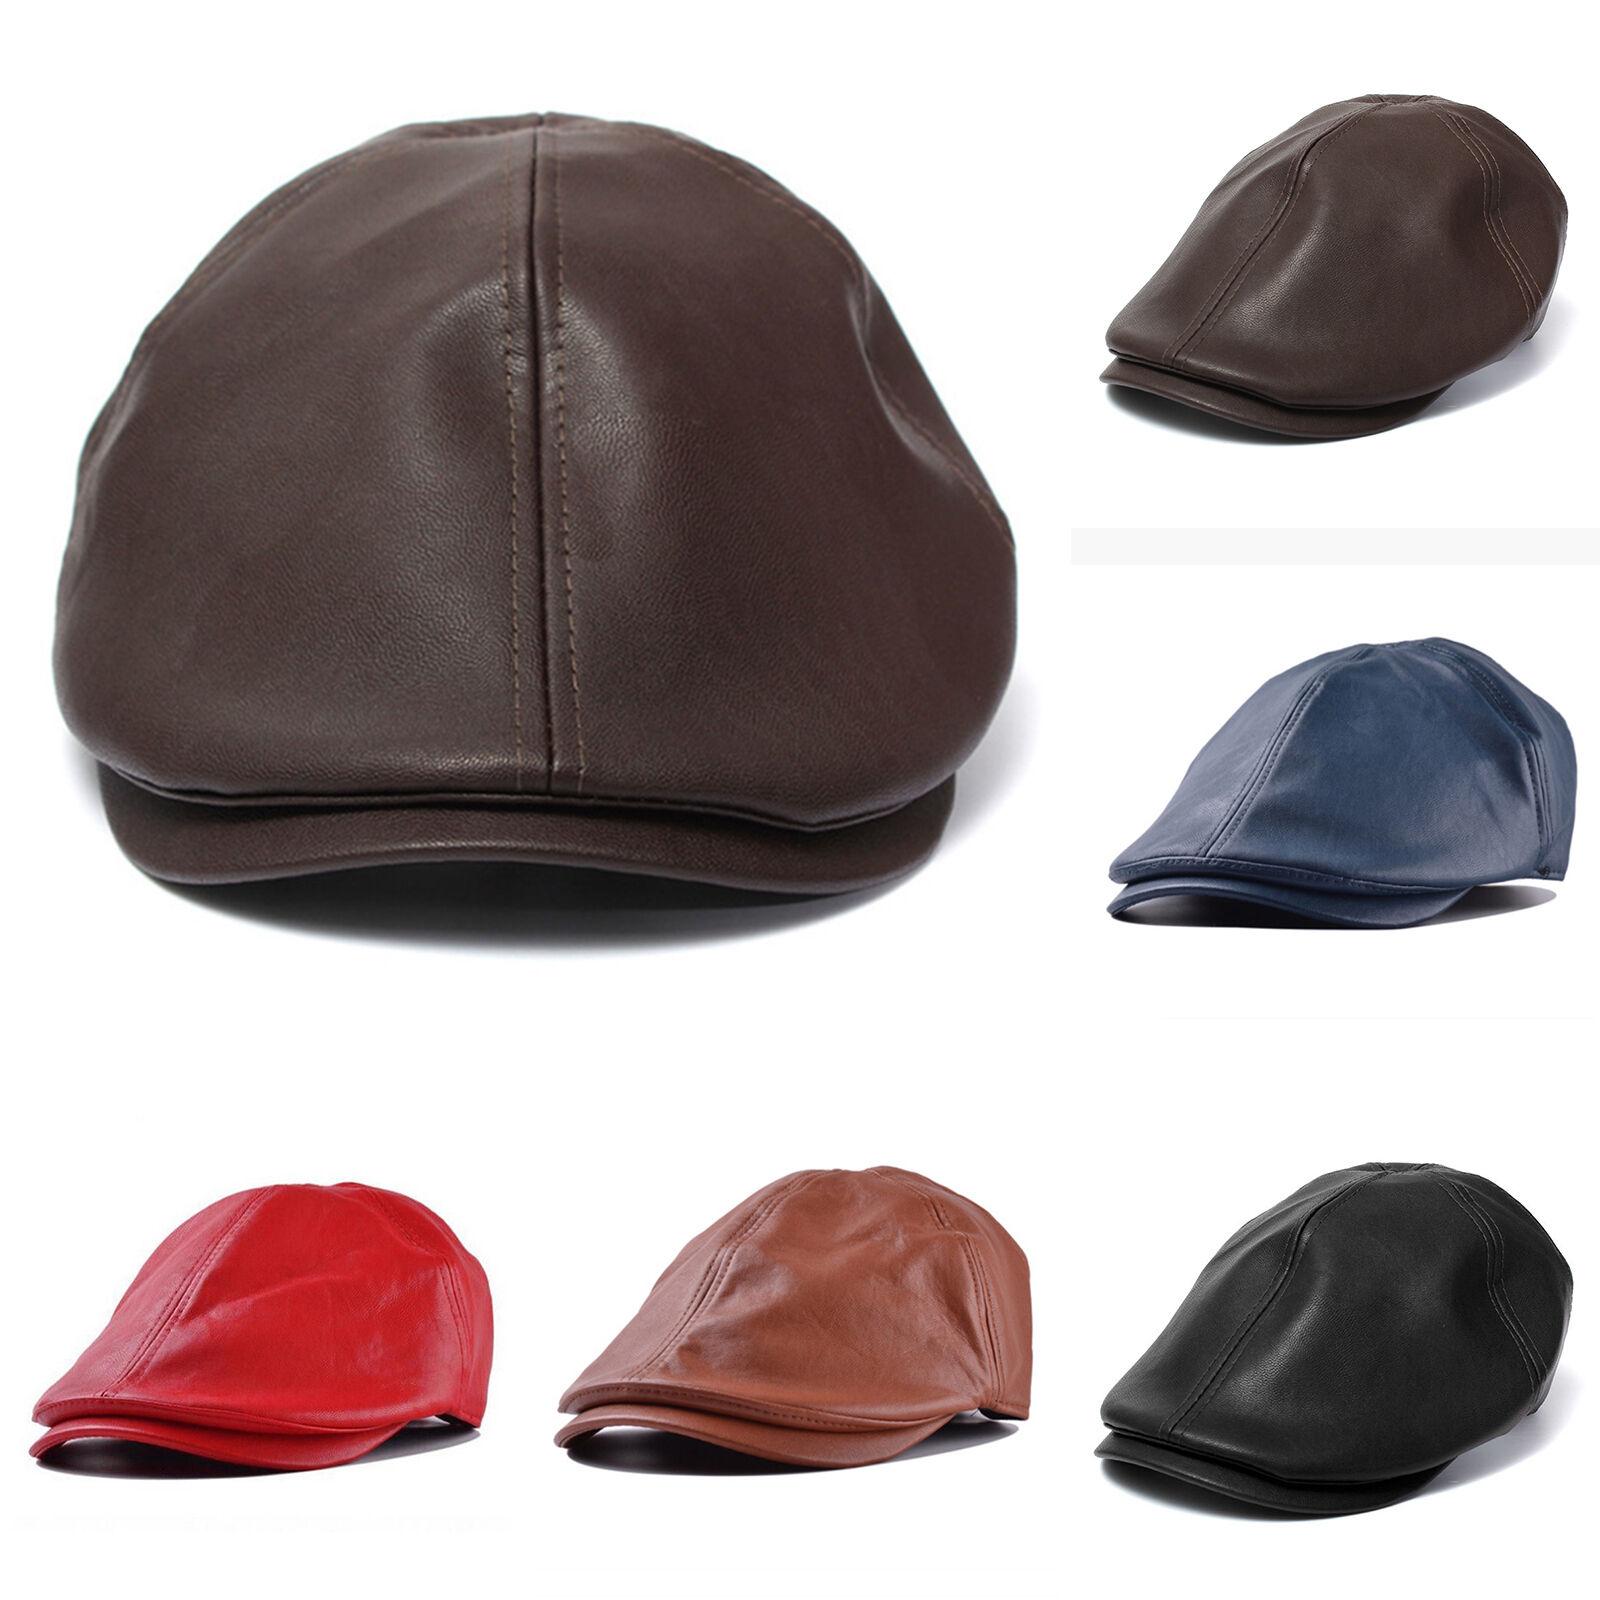 Herre Frauen Baskenmütze Schiebermütze Barett Vintage Gatsby Flatcap Kappe Hut;